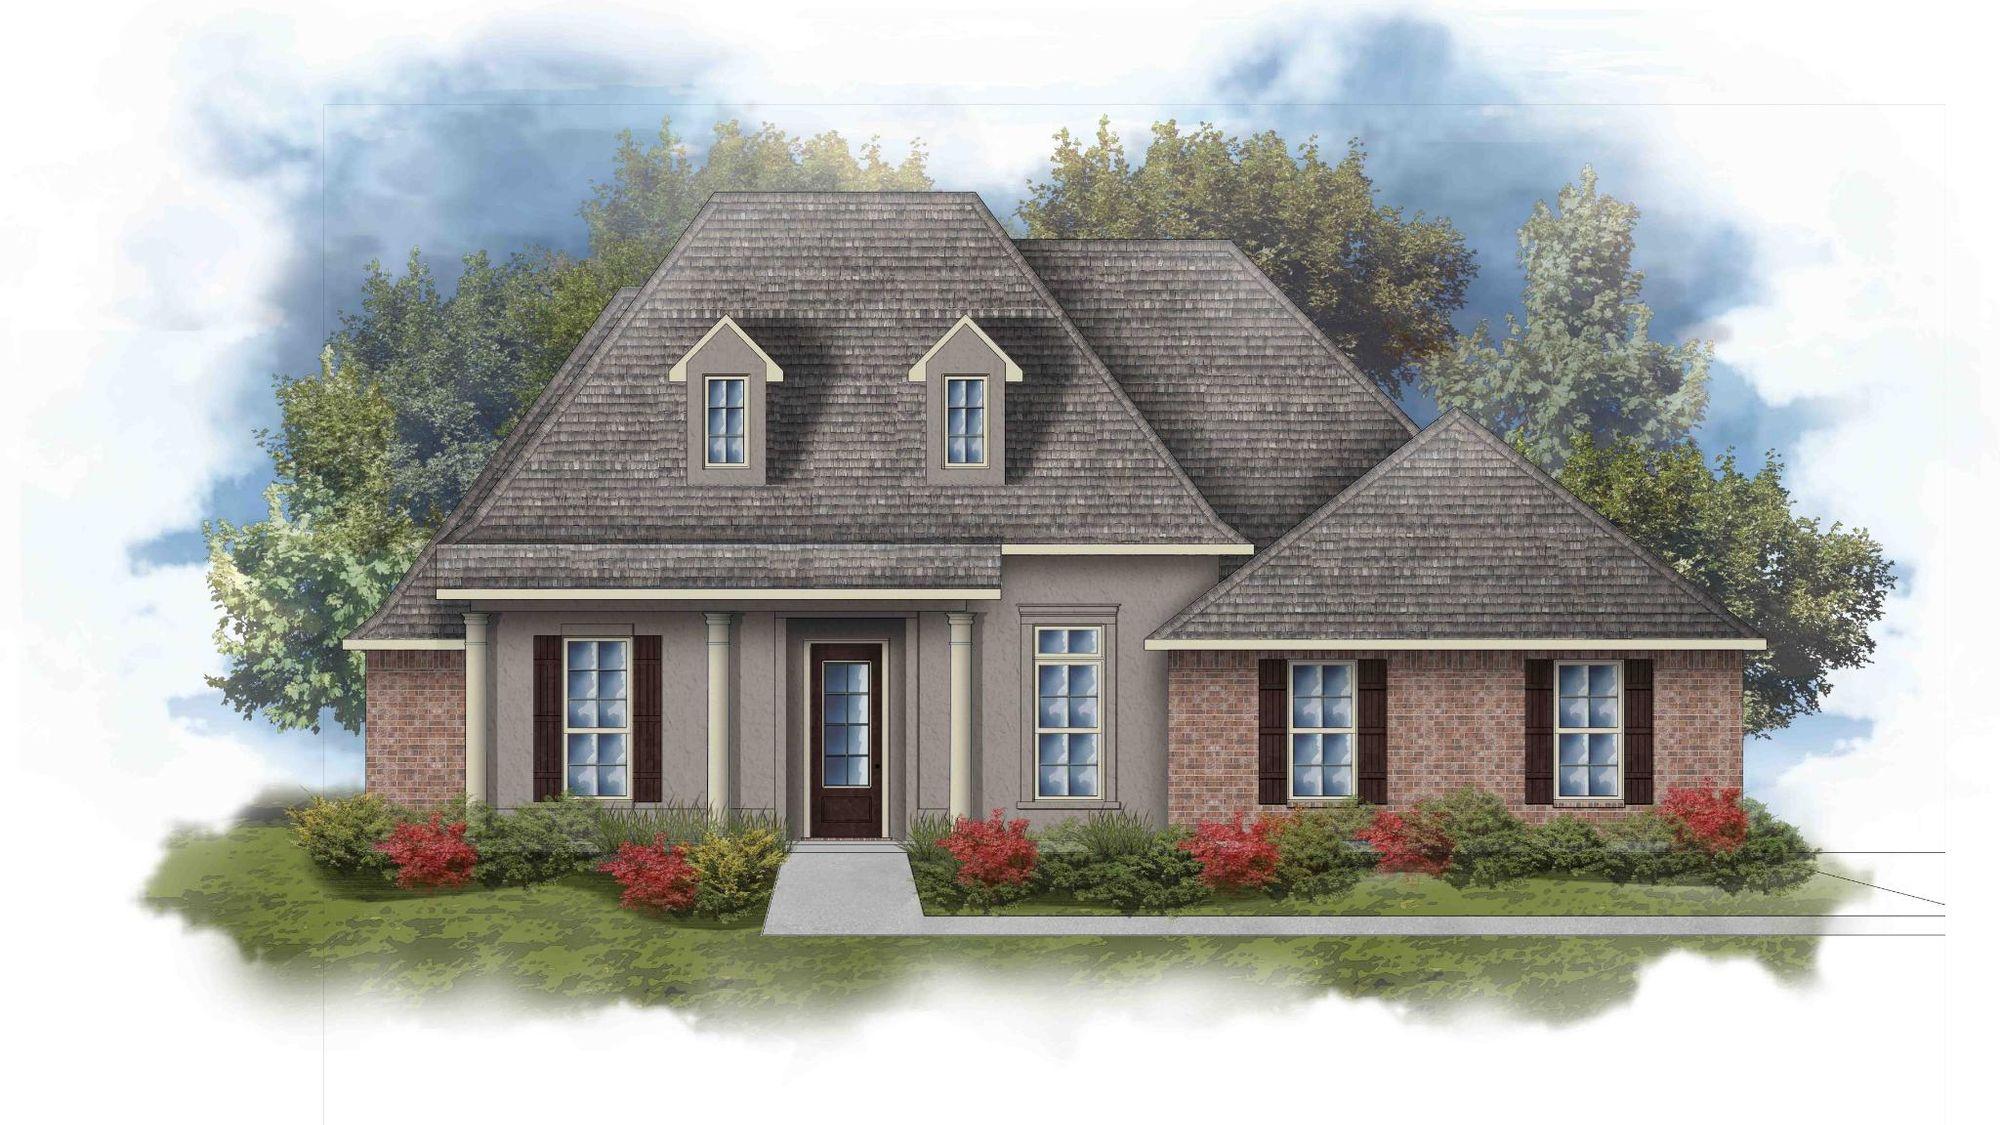 Rossi III C Open Floorplan Elevation Image - DSLD Homes